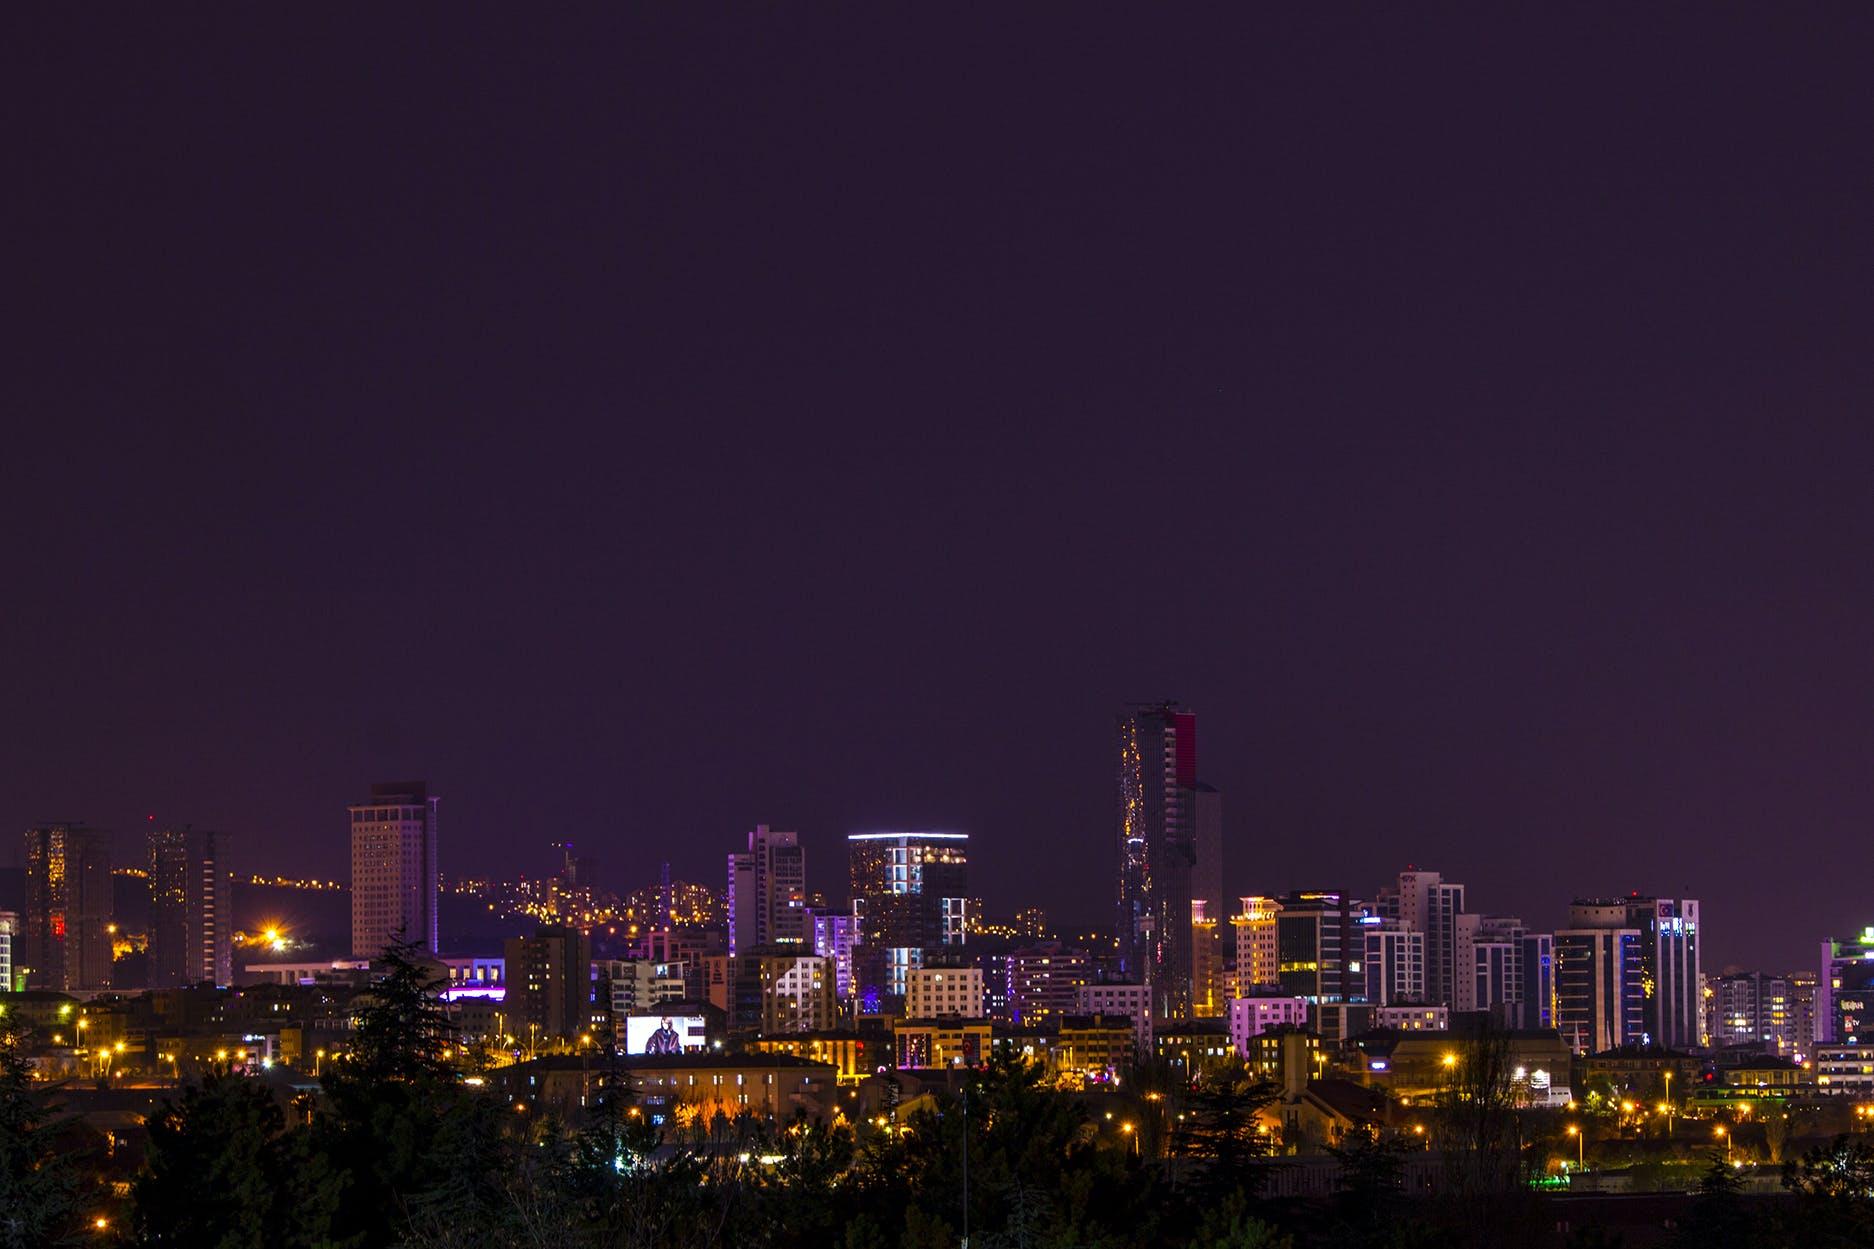 城市, 城市生活, 城市的燈光, 天空 的 免费素材照片